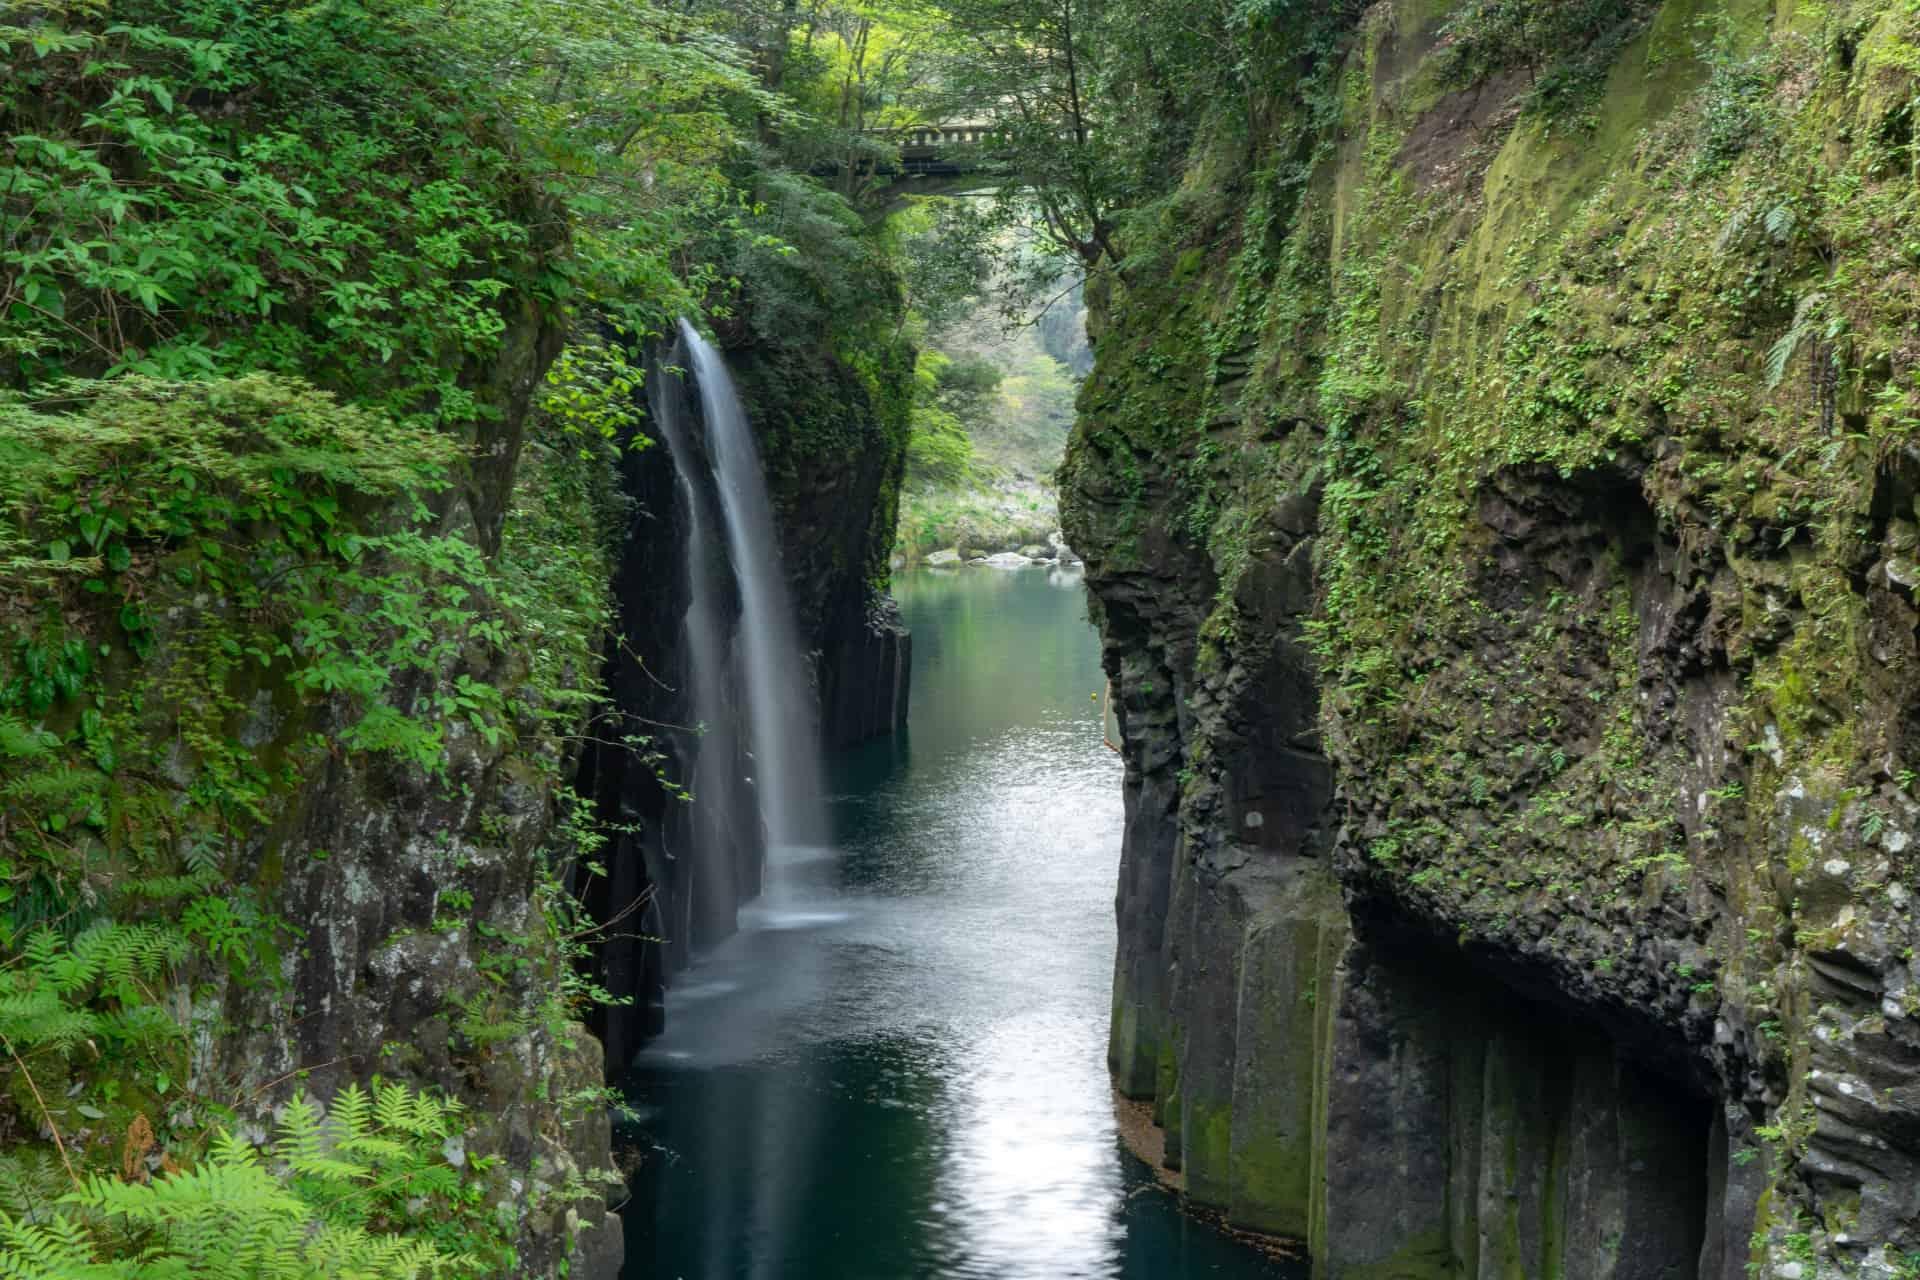 ที่เที่ยว มิยาซากิ (Miyazaki) : หุบเขาทาคาชิโฮะ (Takachiho Gorge)